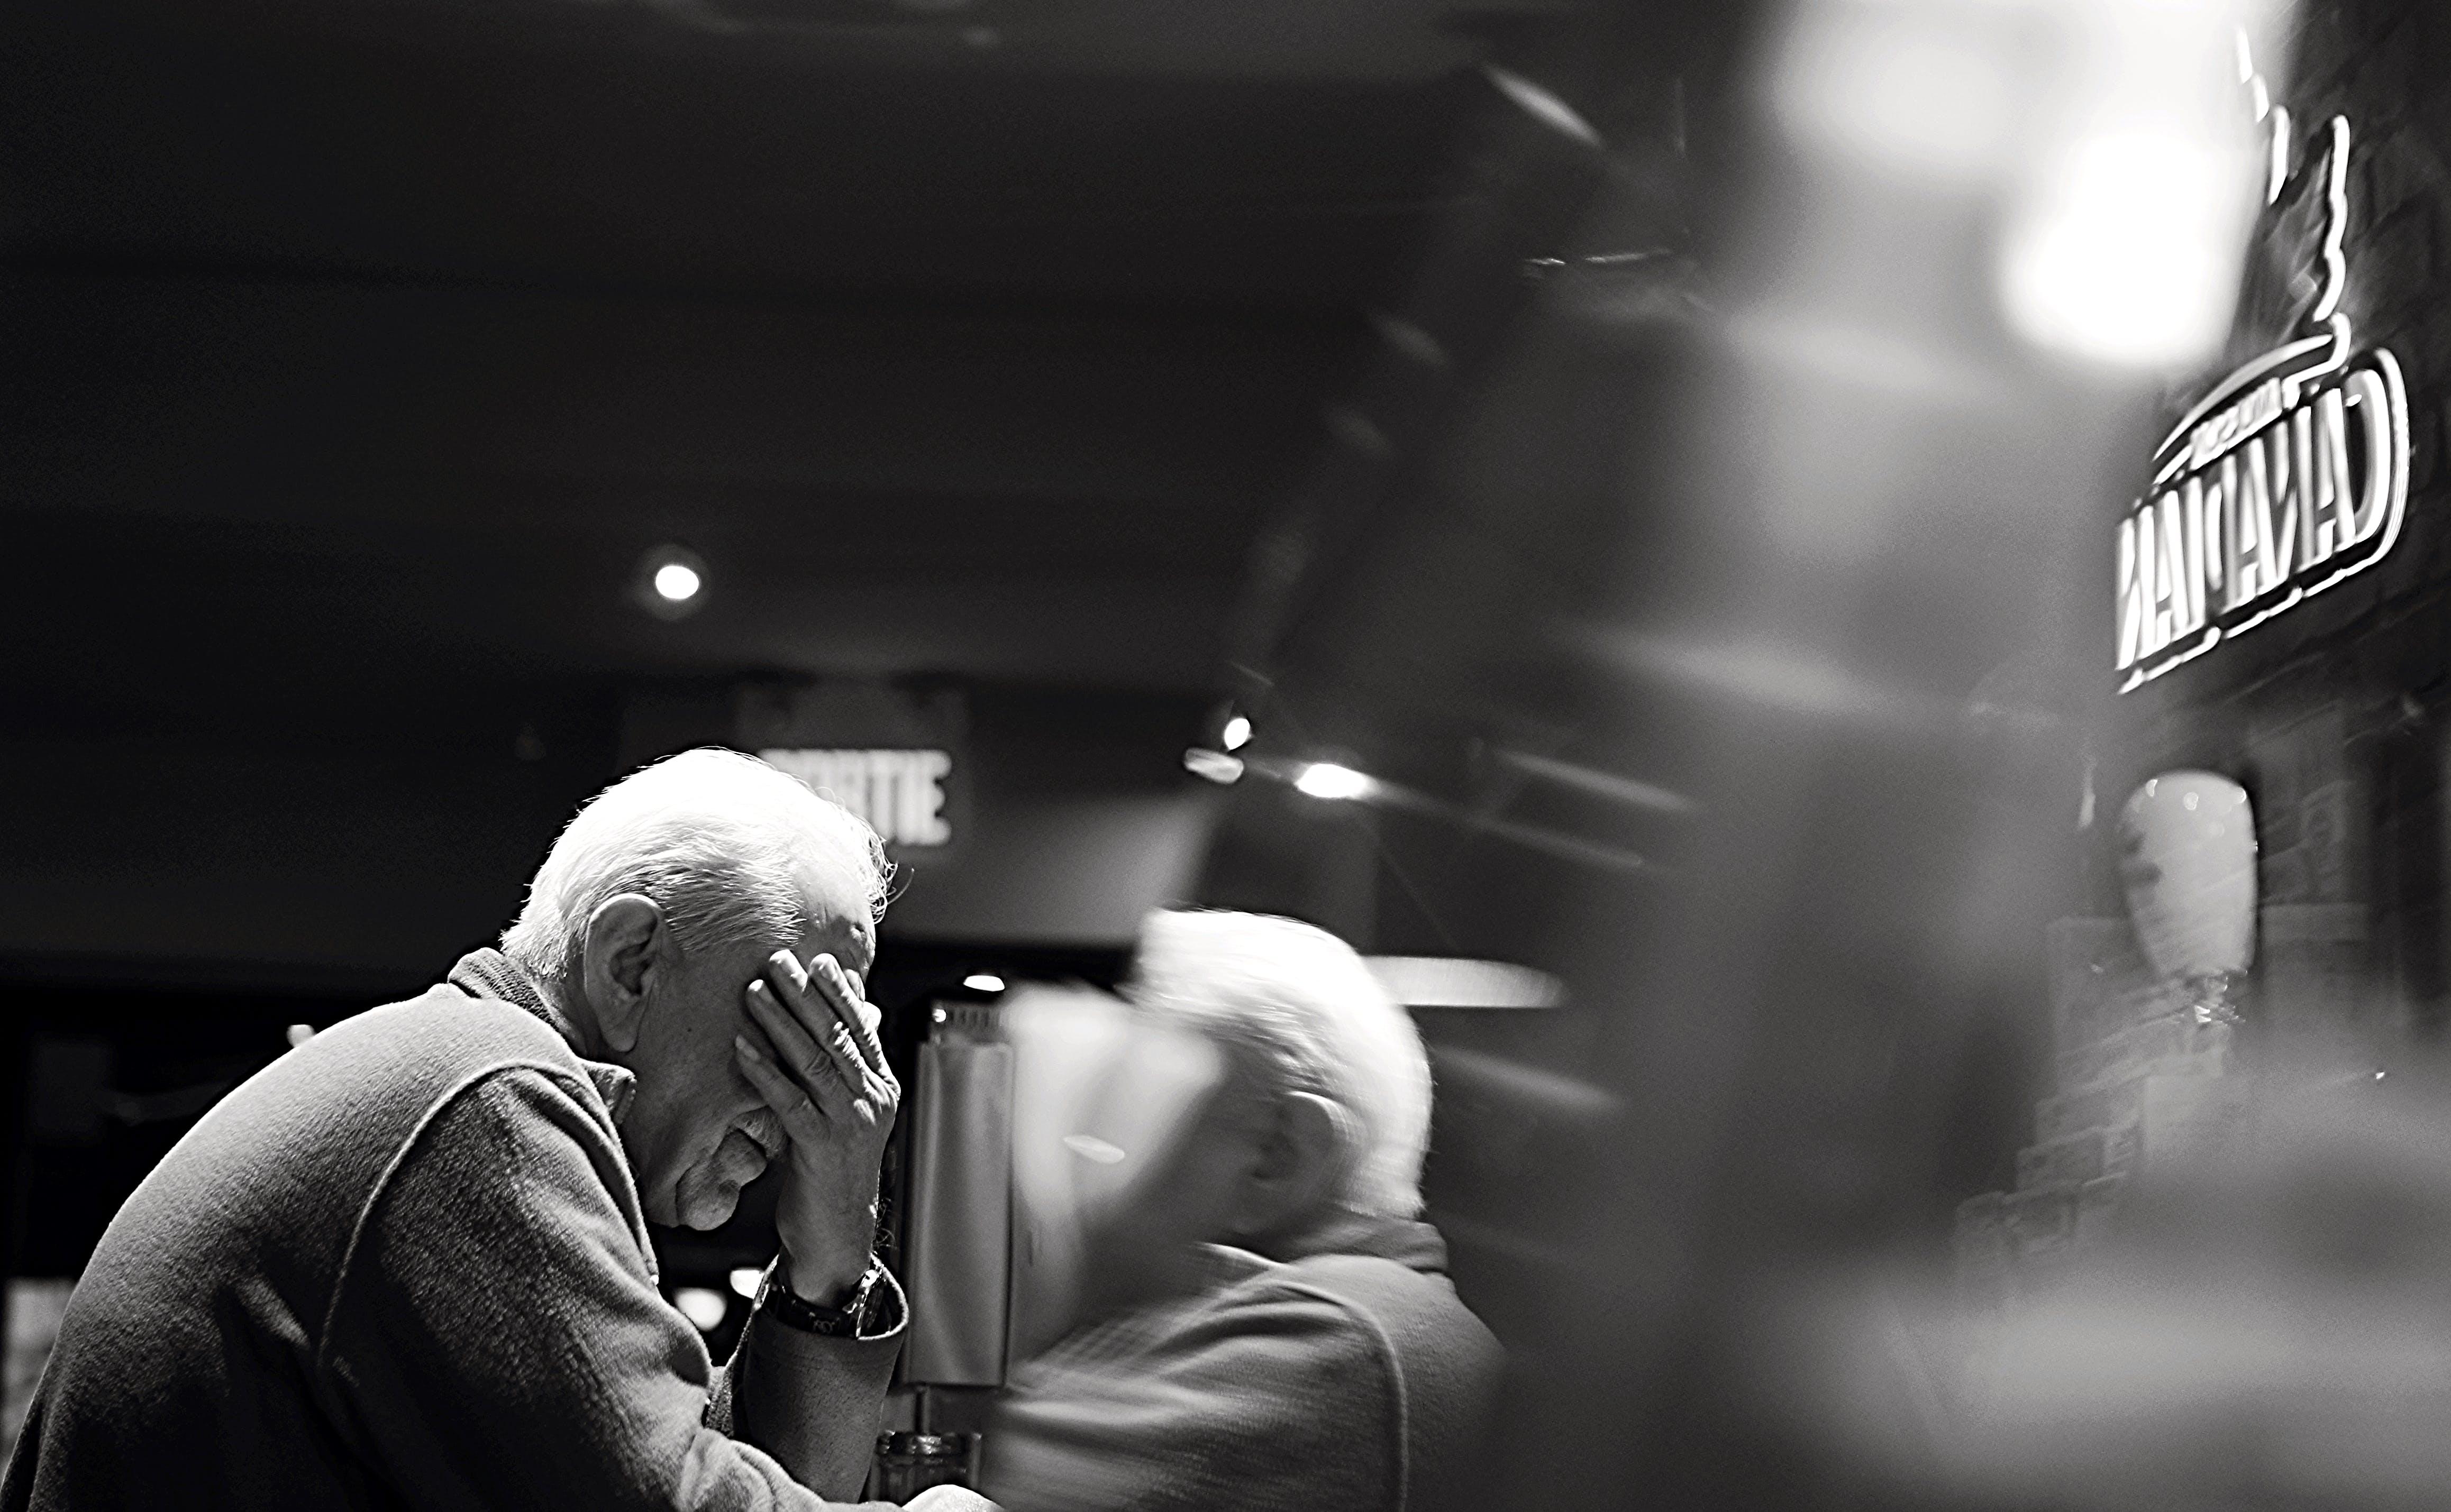 Fotos de stock gratuitas de anciano, blanco y negro, hombre, persona